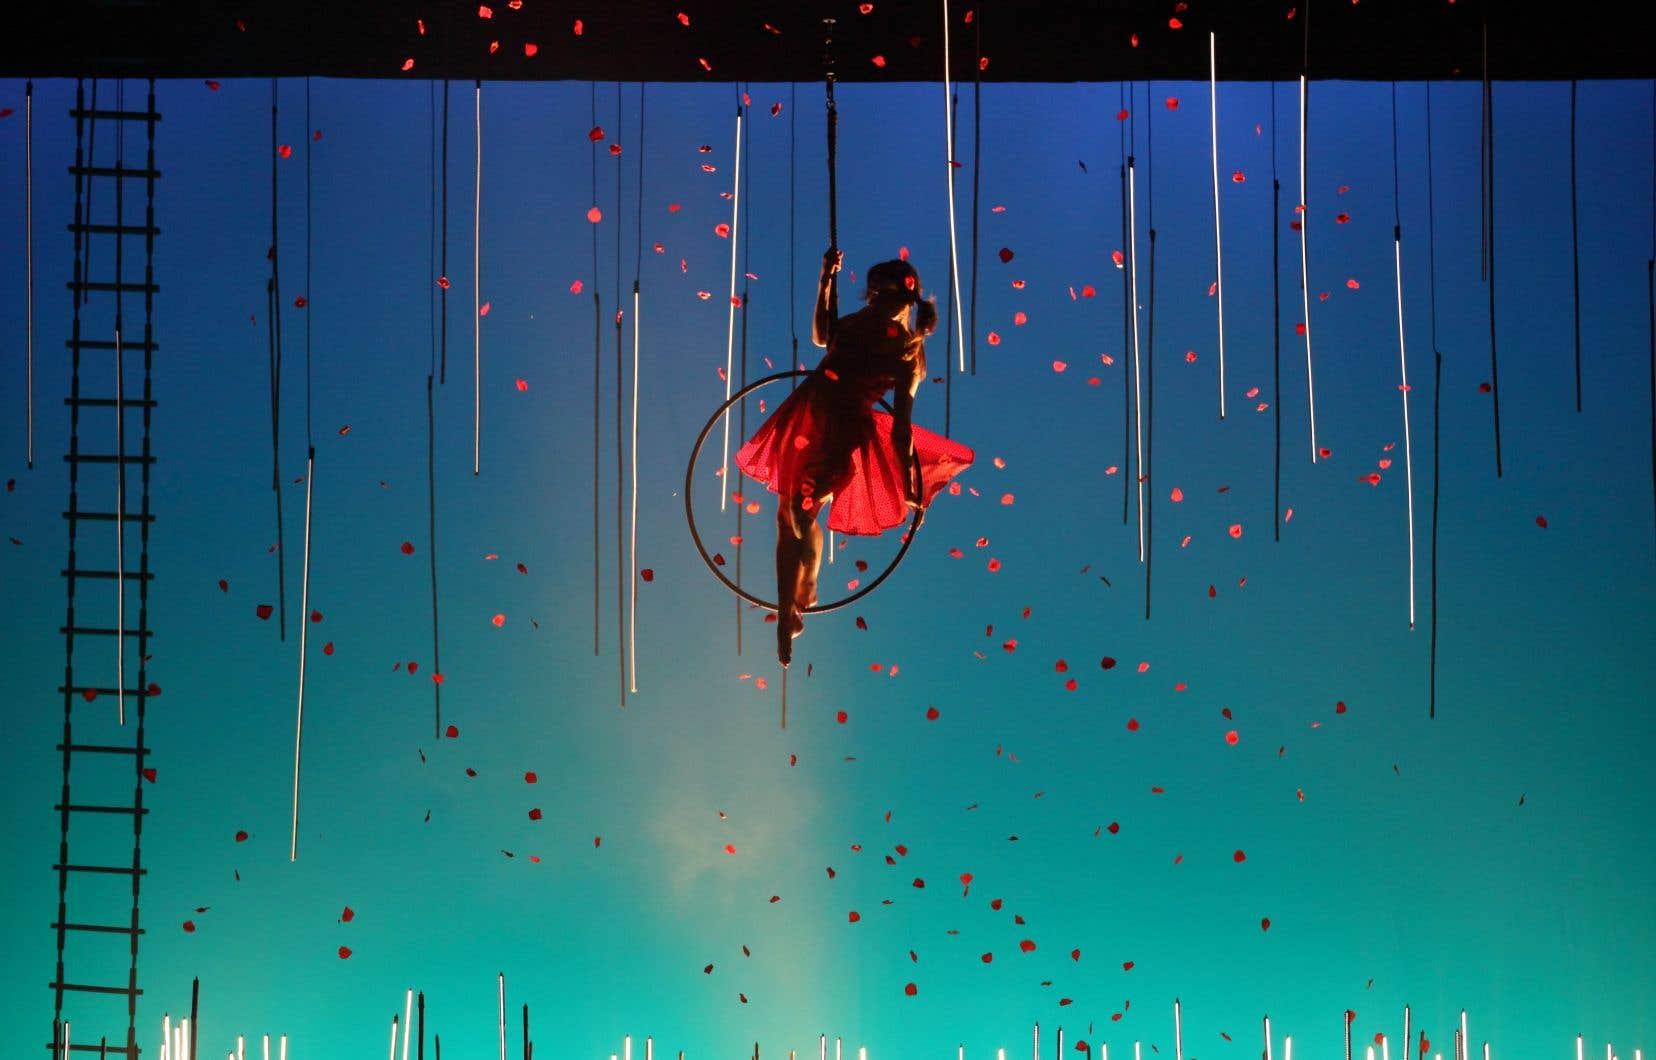 Cette production, dont Finzi Pasca signe le texte et la mise en scène, déploie une candeur assumée, extrêmement émouvante: comme un pas de côté, sur fond d'une riche trame musicale qui invite à contempler ces corps.